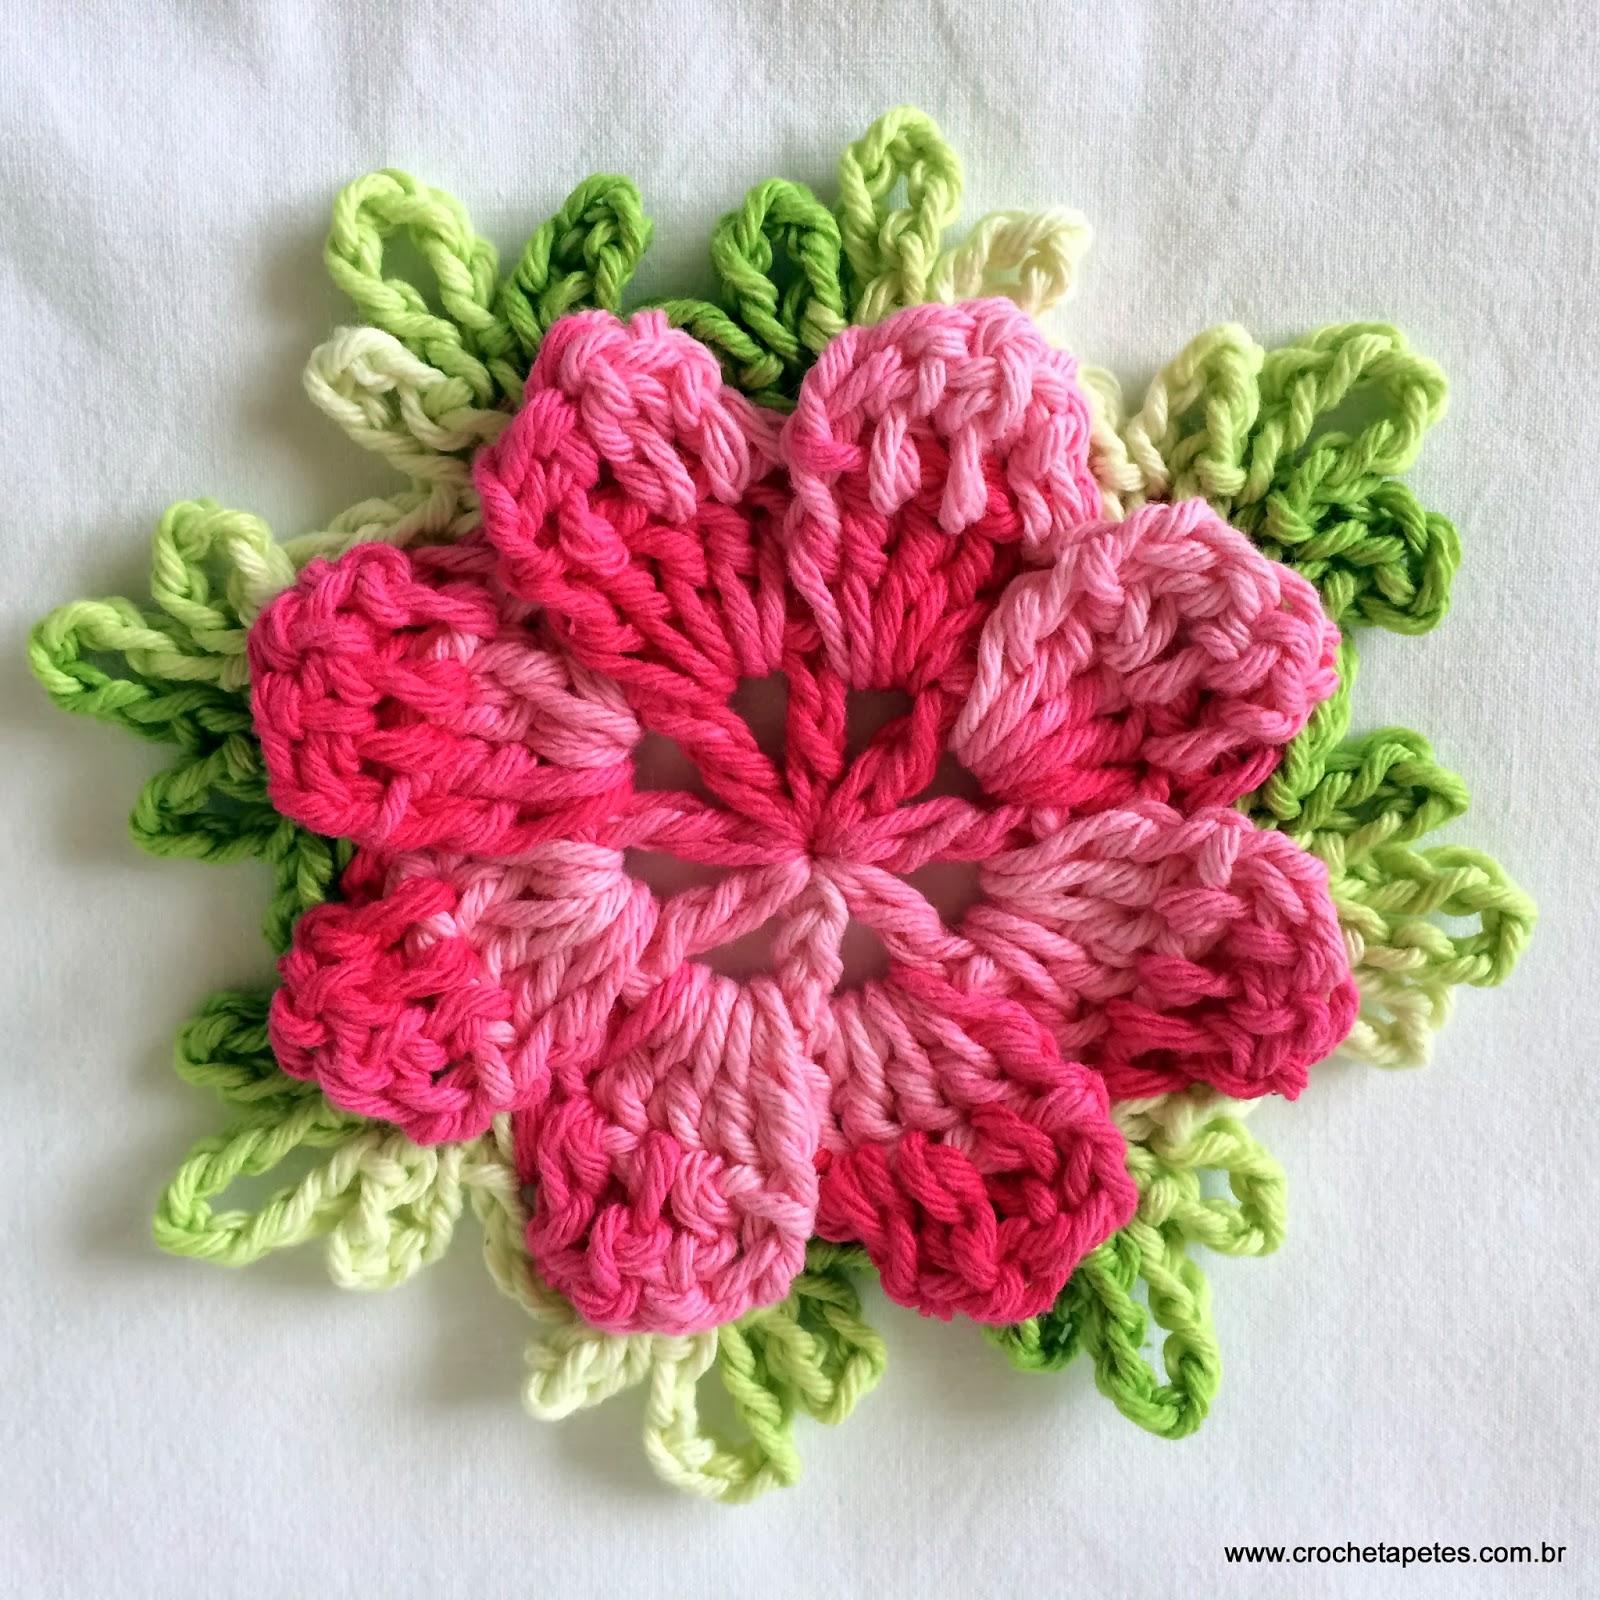 Flor de crochê, como fazer flor de crochê, passo a passo de flores de crochê, flor catavento.